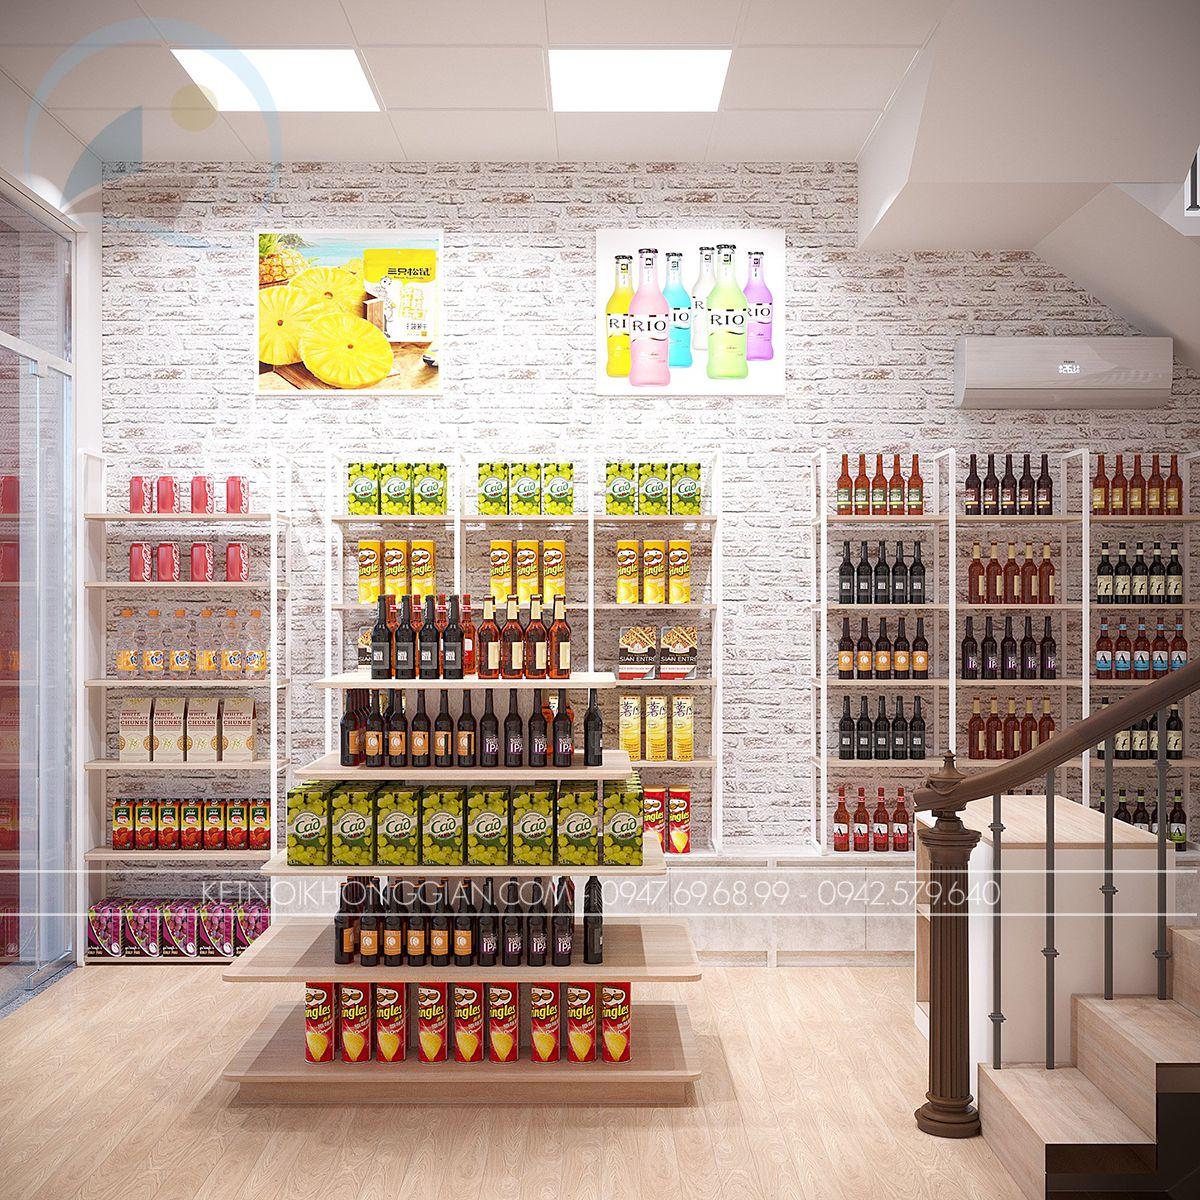 thiết kế cửa hàng đồ nội địa trung quốc